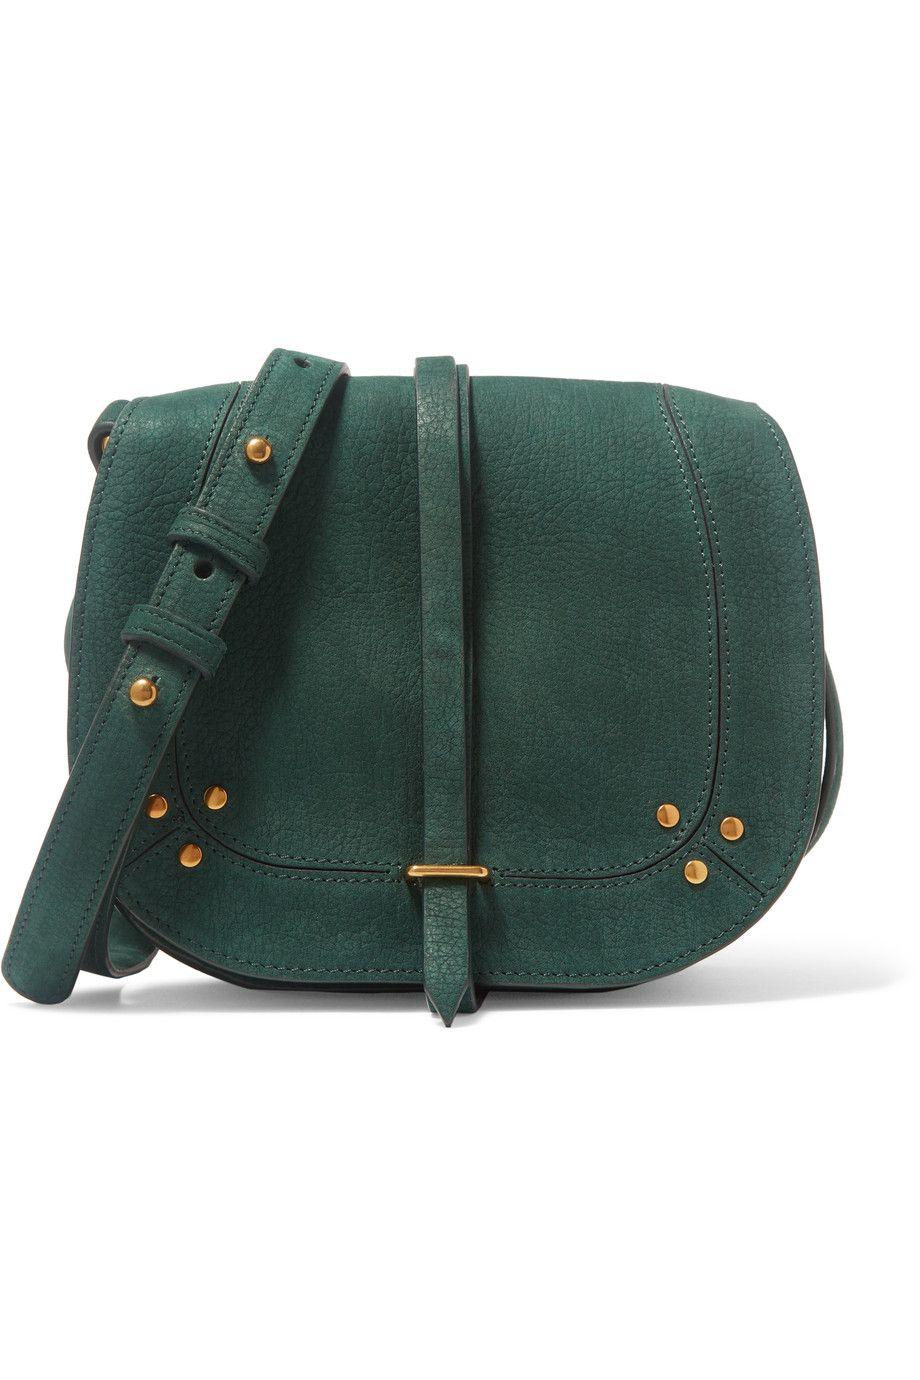 Jerome Dreyfuss Victor Embellished Suede Shoulder Bag Modesens Suede Purse Suede Handbags Embellished Purses